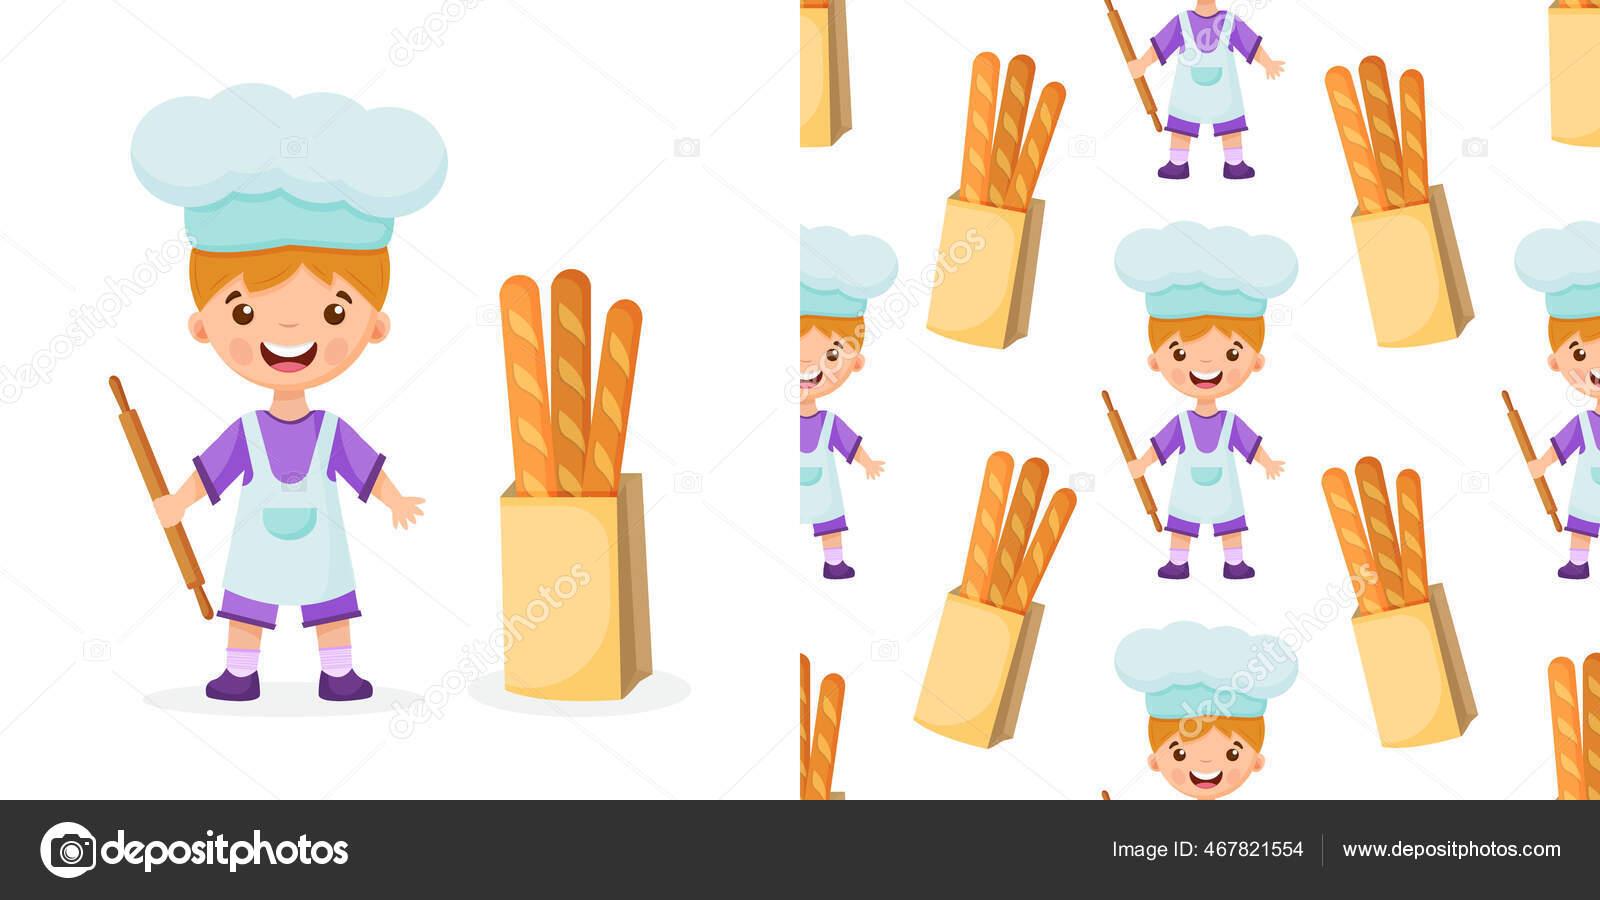 Modèle d'illustration de chef sur fond isolé. Pattern boulanger garçon.  Modèle de cuisinier illustration d'un garçon. 32